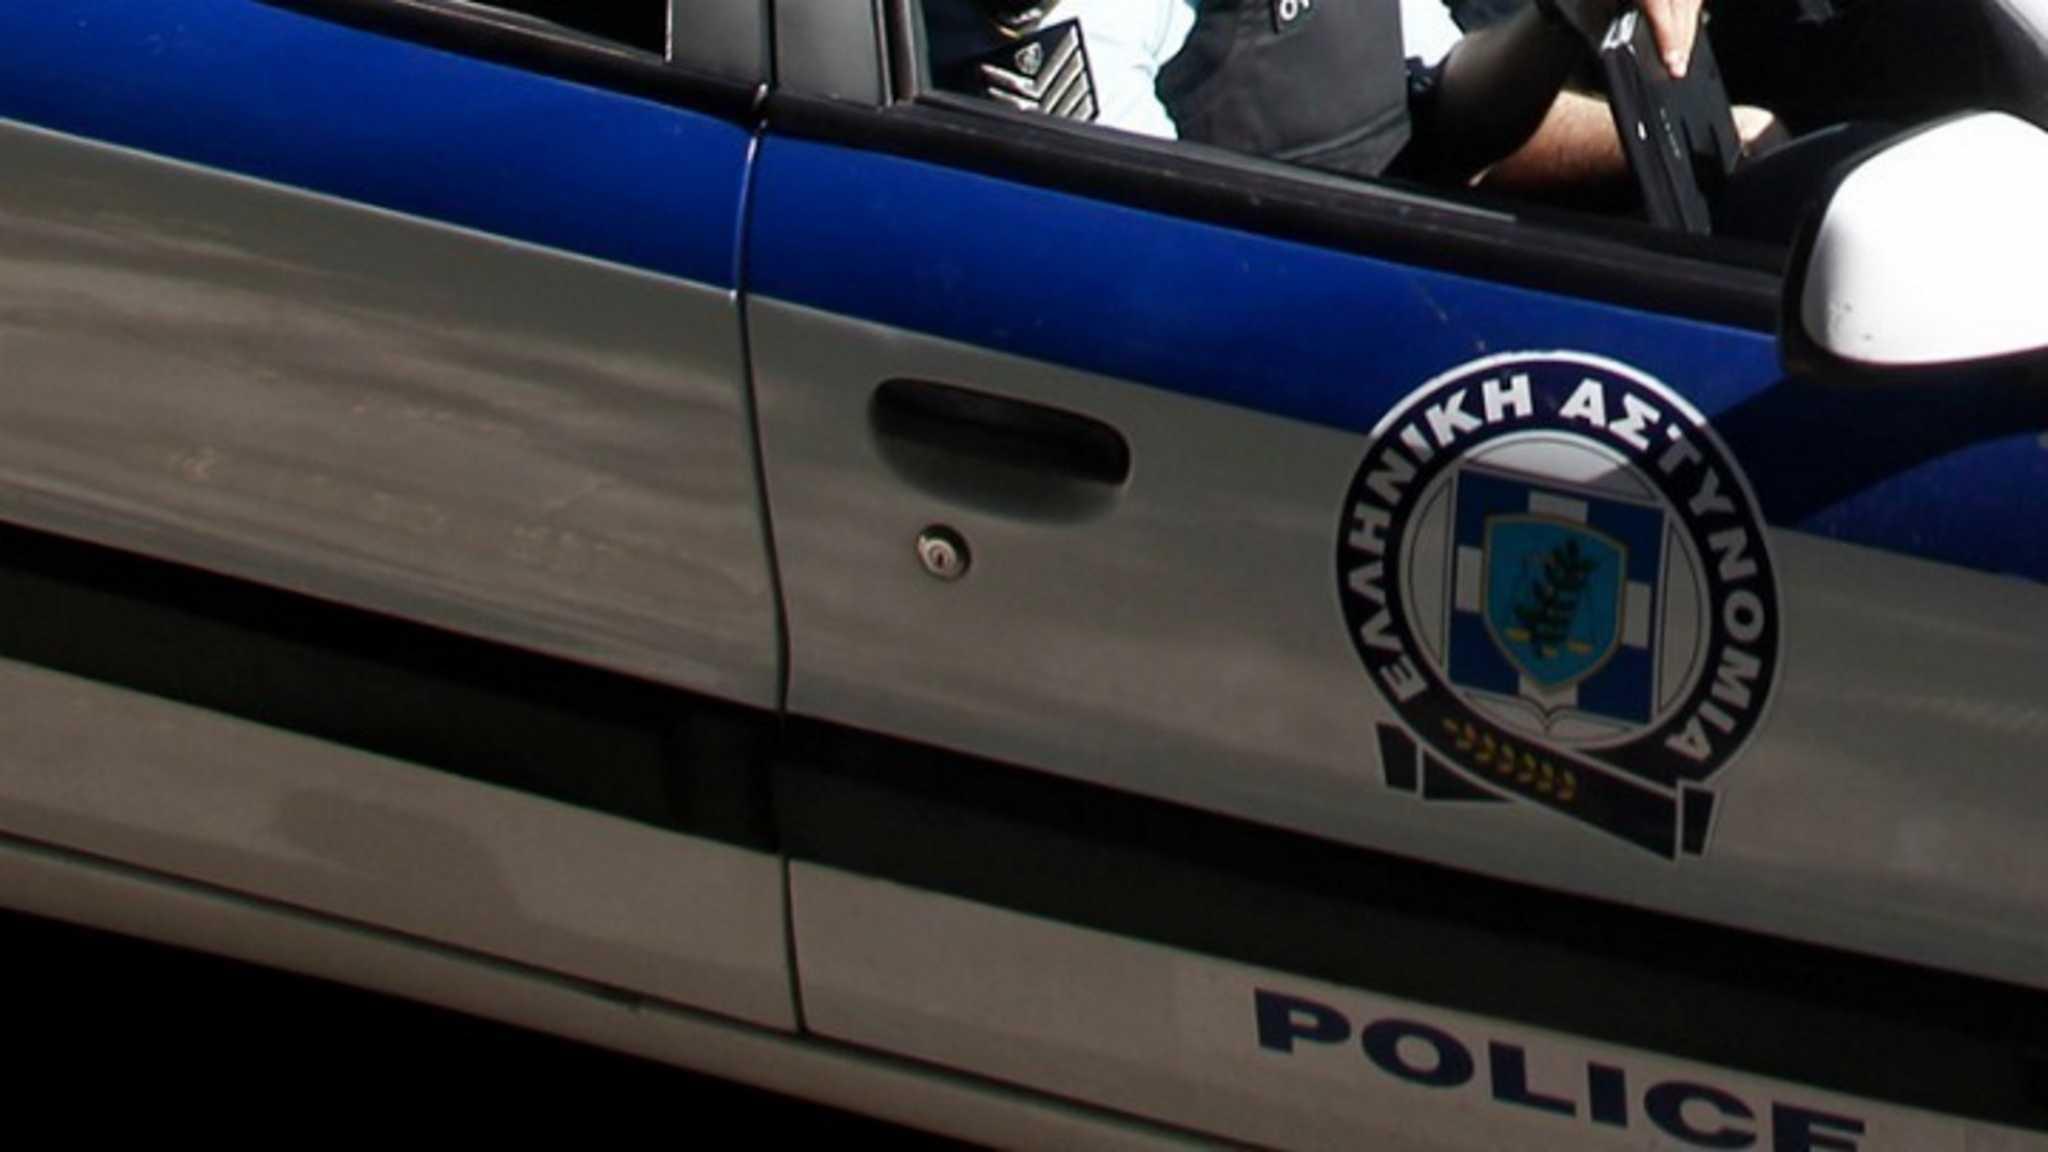 Θεσσαλονίκη: Στη φυλακή πρώην αστυνομικός για καλλιέργεια και διακίνηση ναρκωτικών